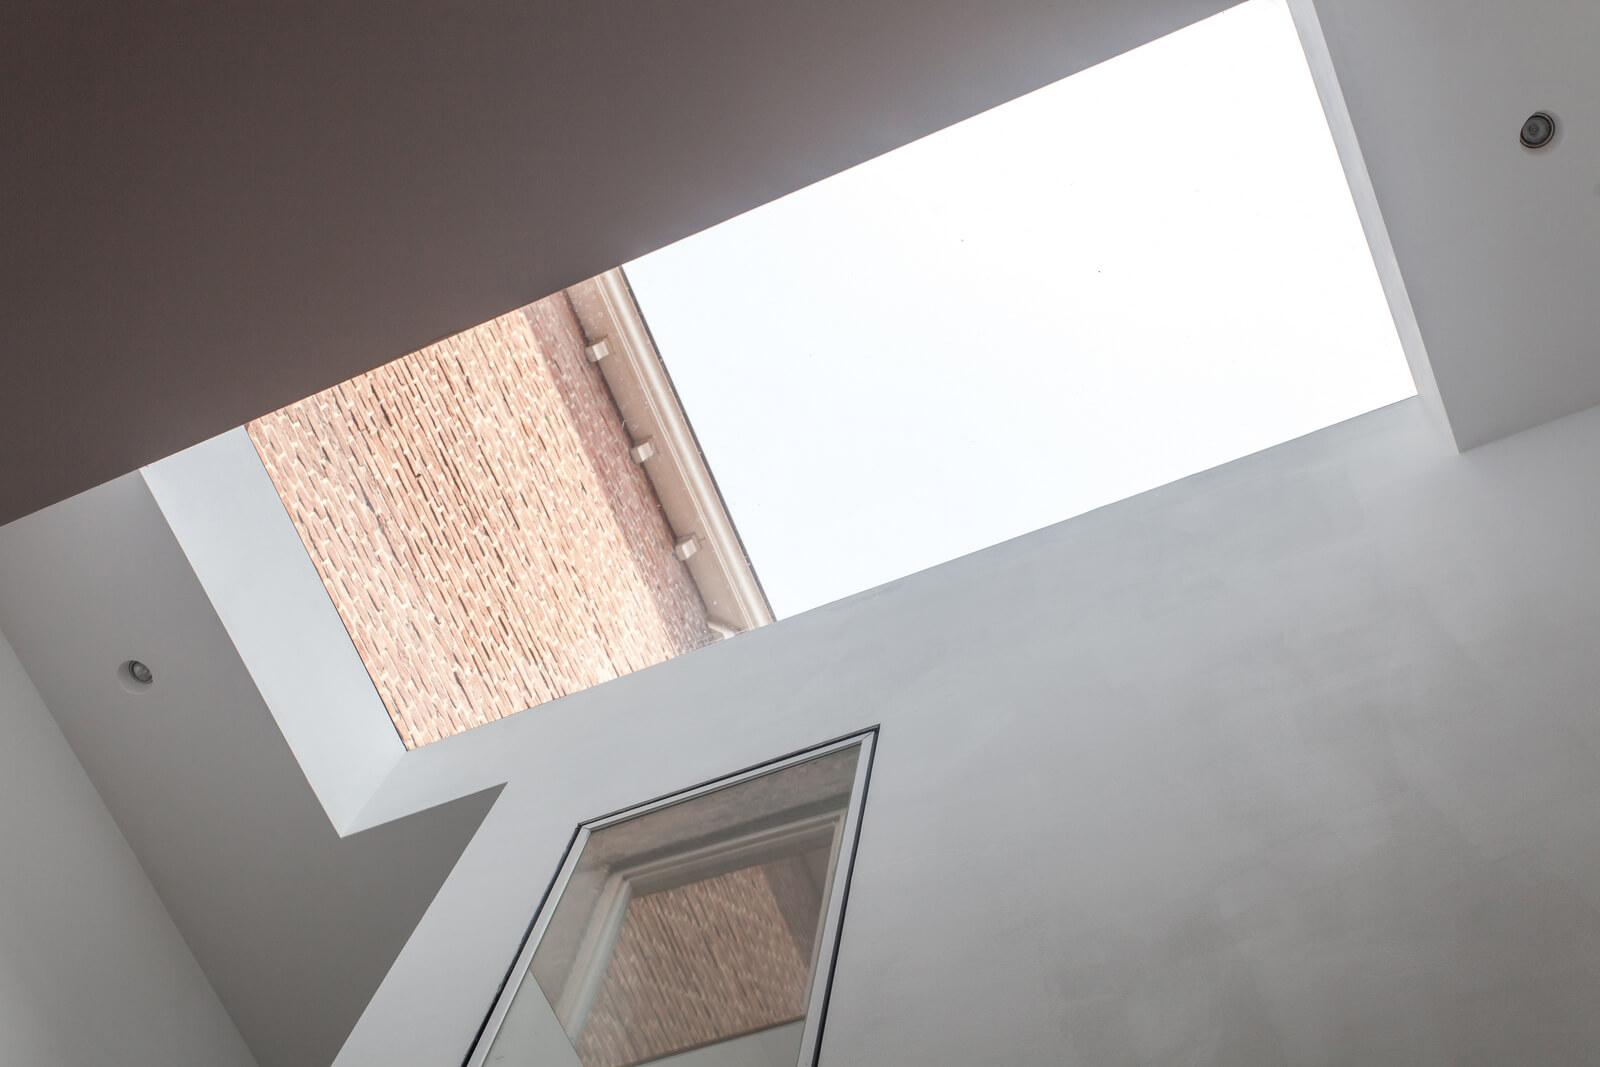 Lumière naturelle dans un immeuble étroit et sombre grâce à une fenêtre de toit